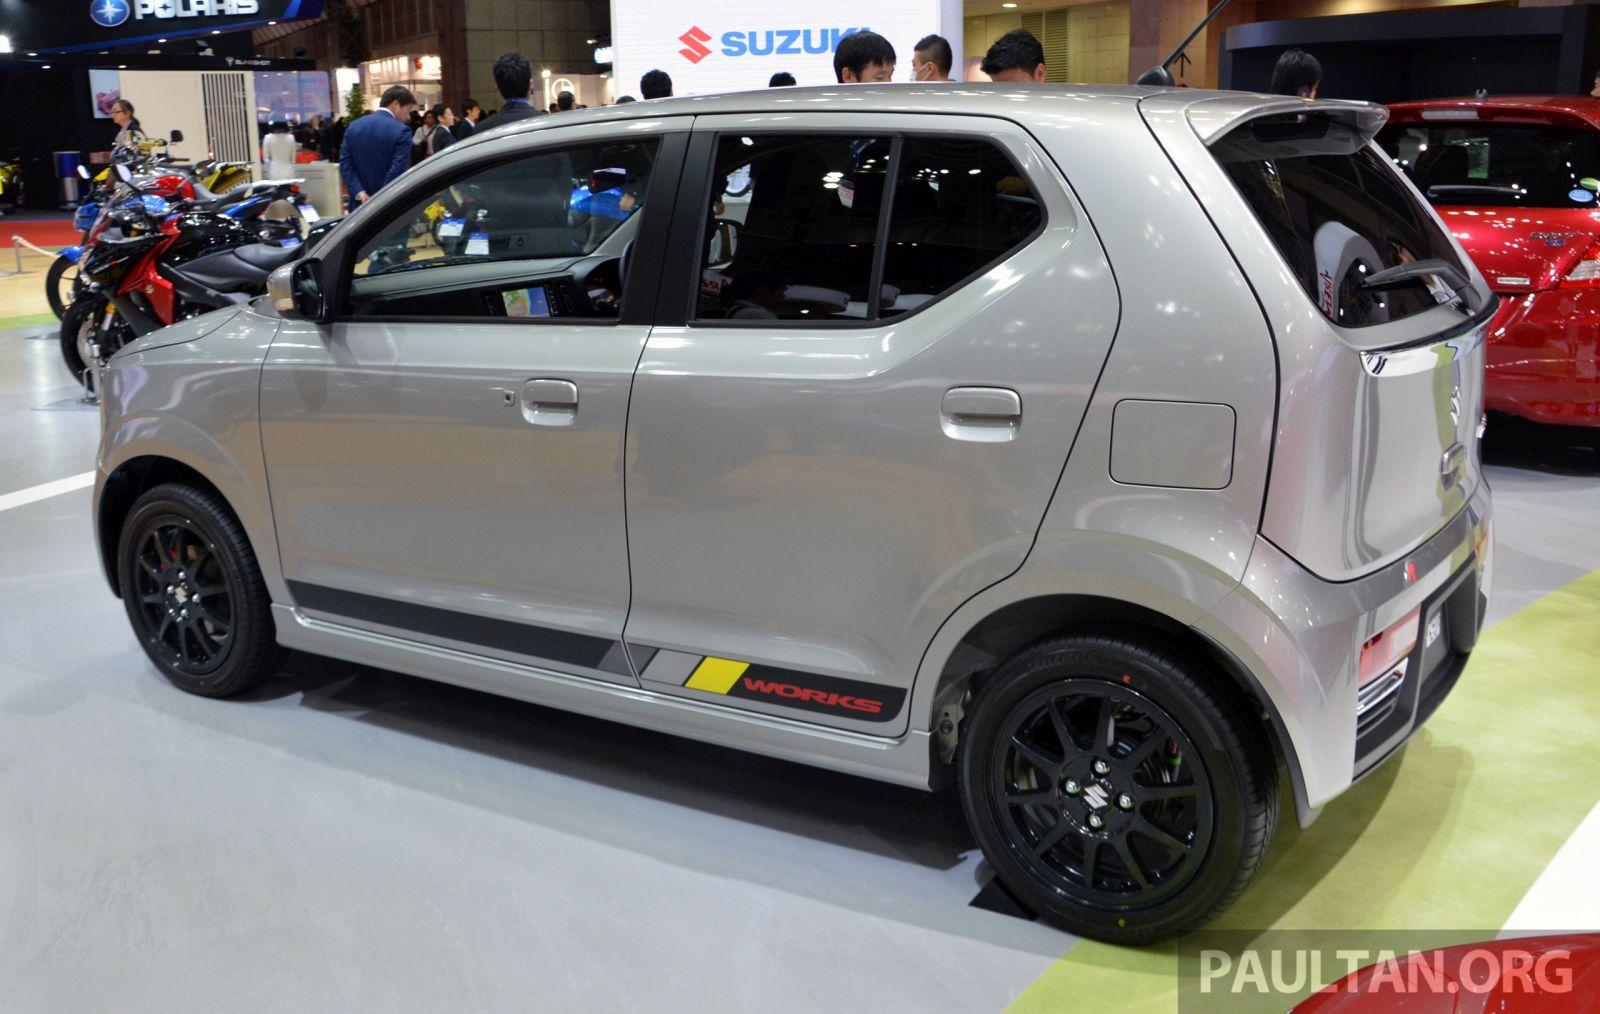 Description suzuki alto turbo rs concept front right 2015 tokyo auto -  Suzuki Alto Works 2015 Tokyo Motor Show 7